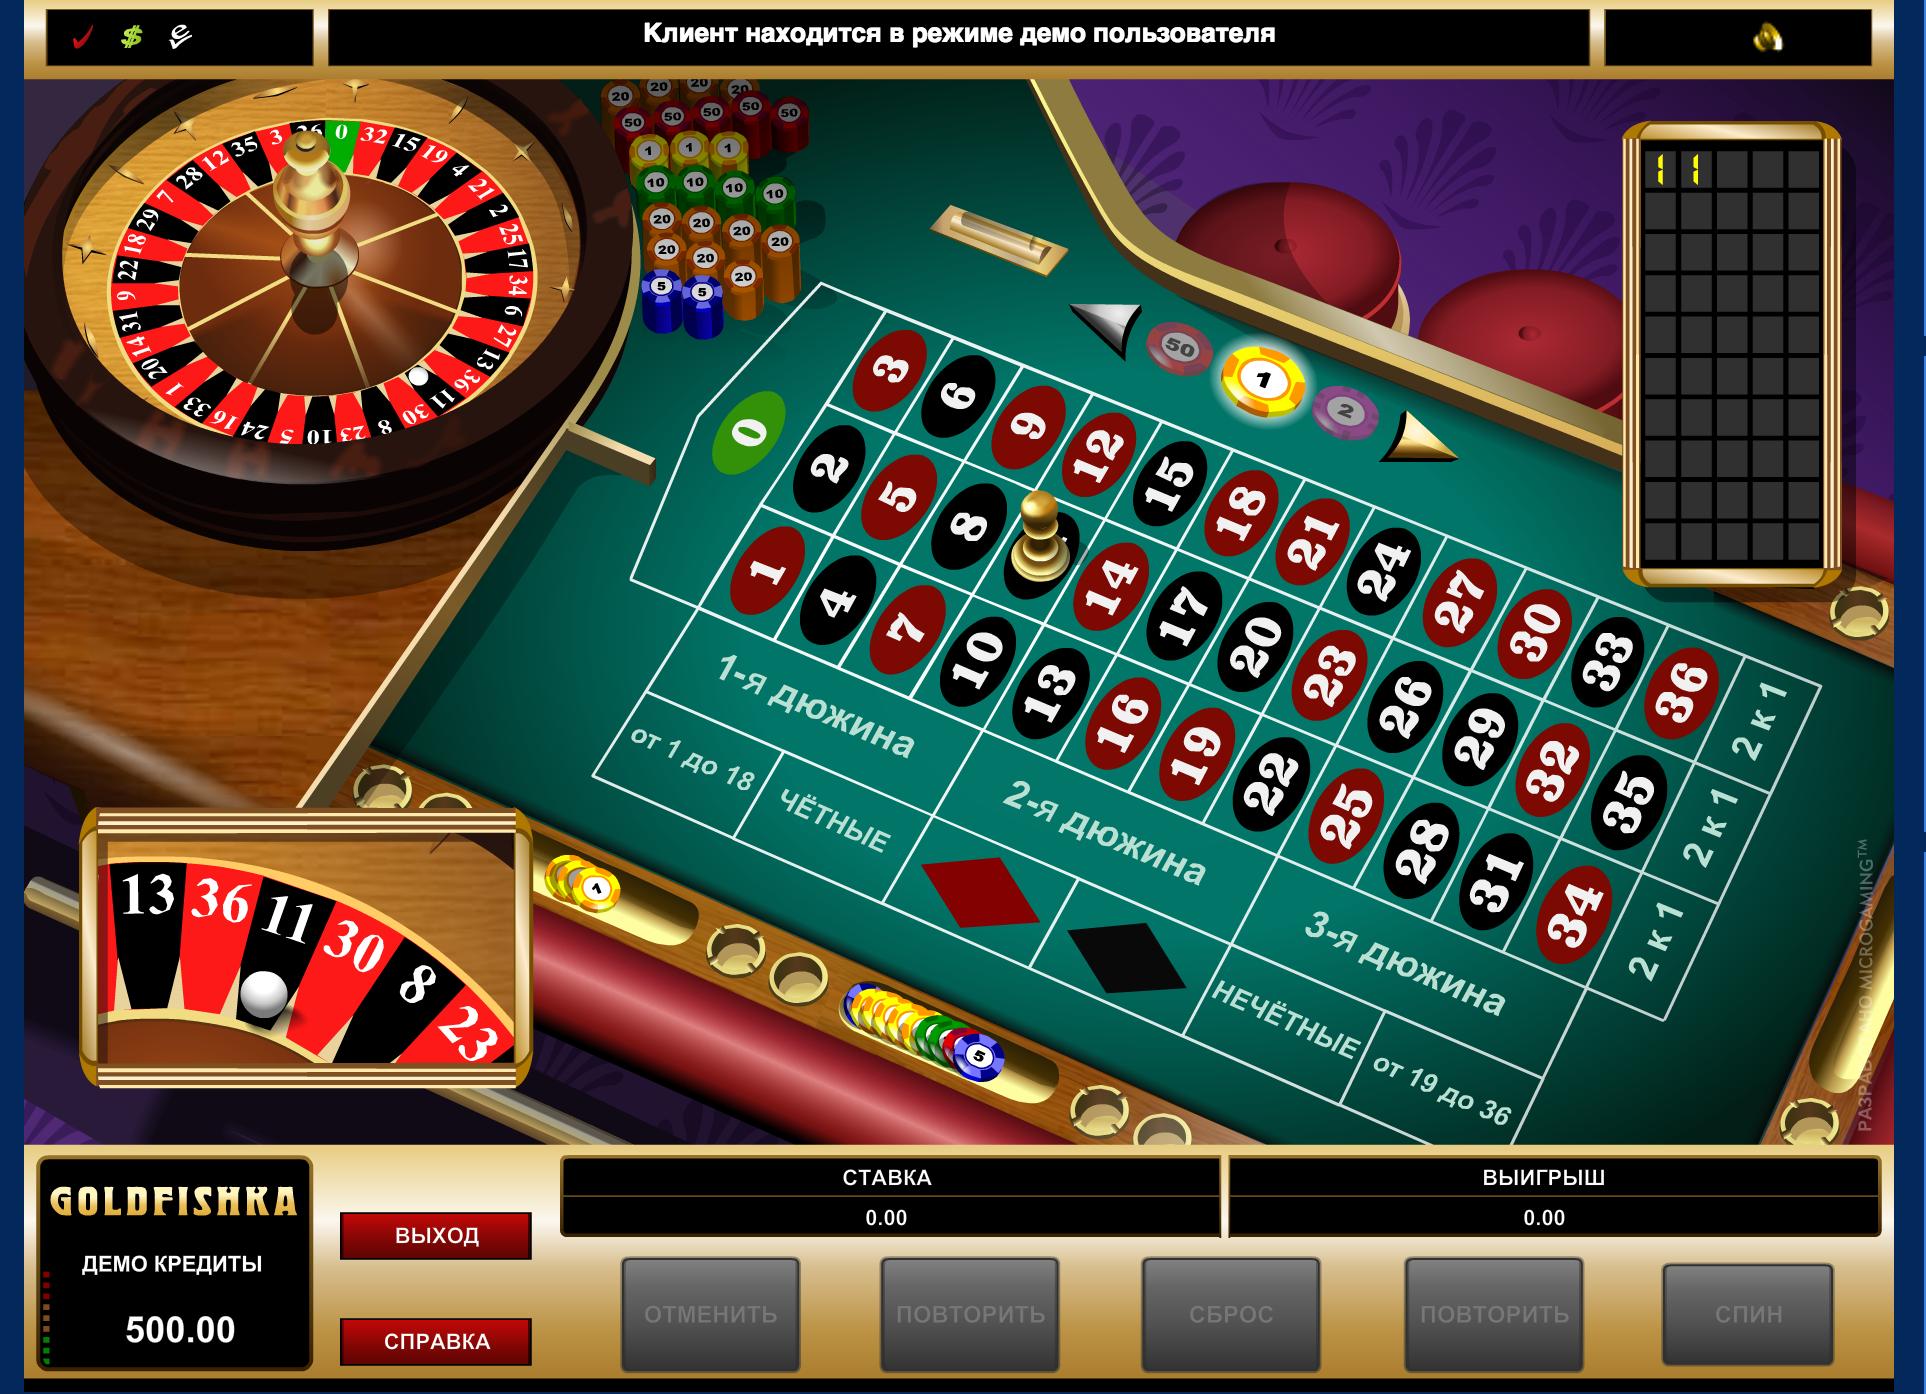 Уроки flash для онлайн казино